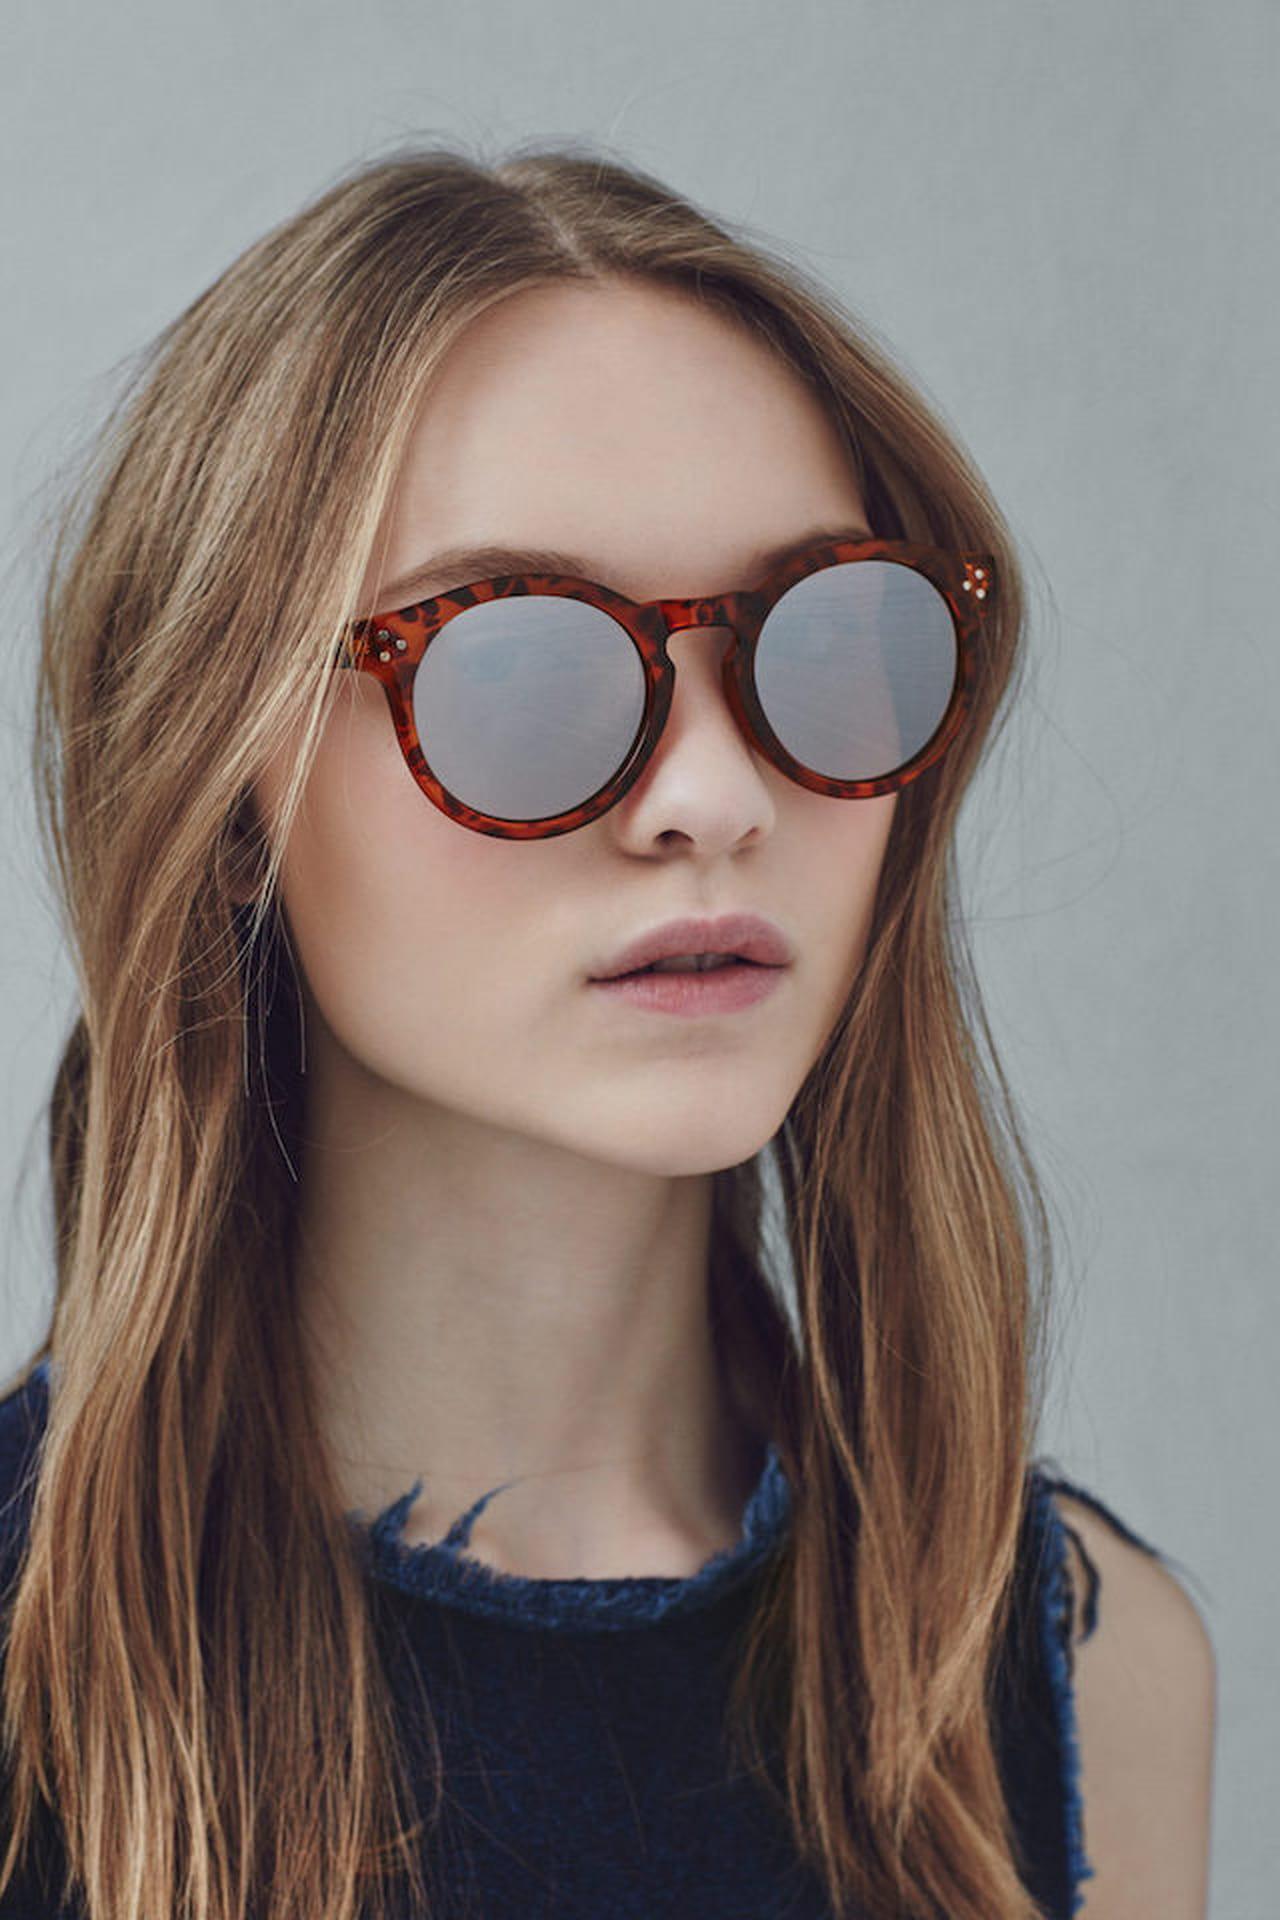 Occhiali donna i modelli da sole pi cool - Ann diva del passato ...